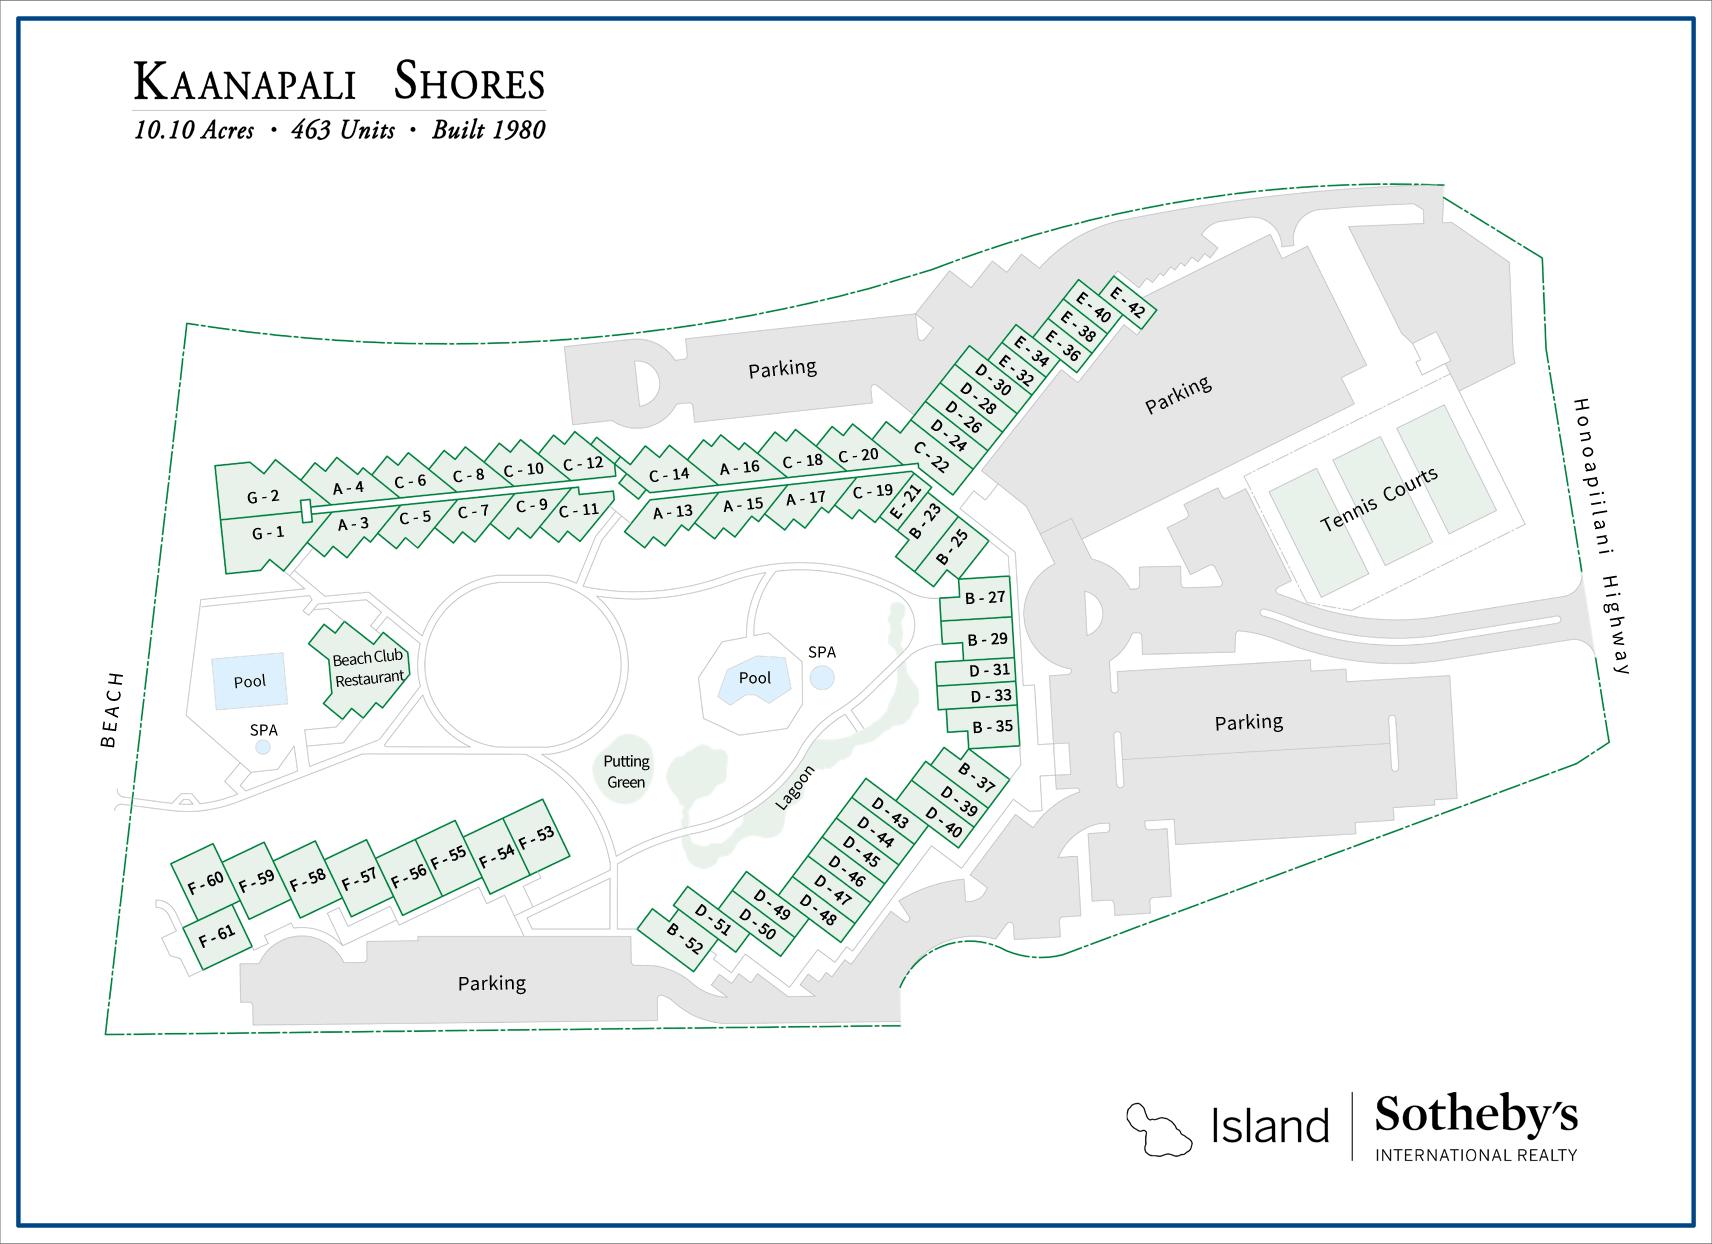 Kaanapali Shores Condos For Sale Maui Hawaii